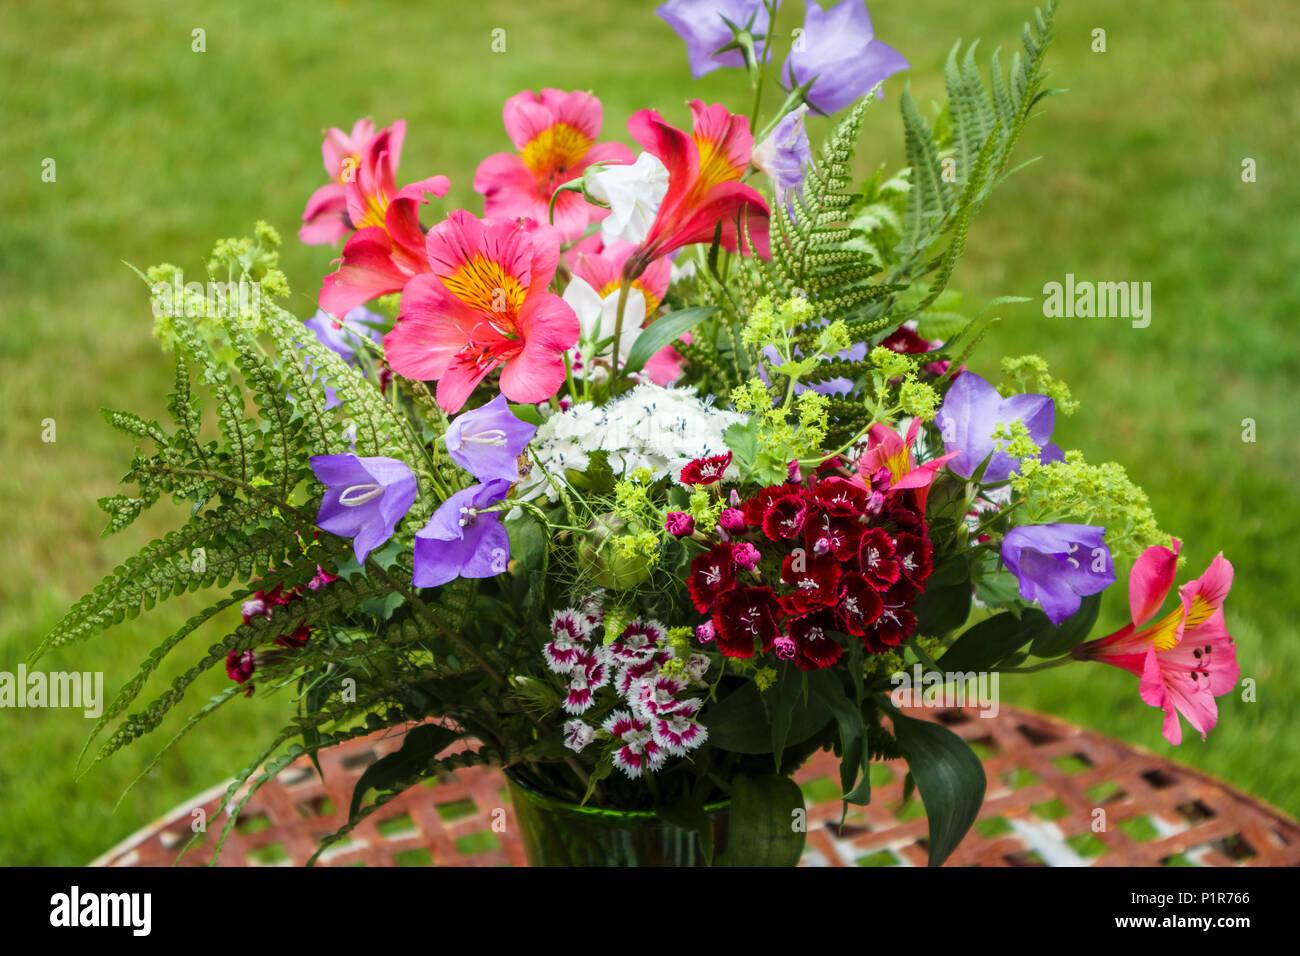 Summery Arreglo Floral Ramo De Flores Coloridas Mezclado A